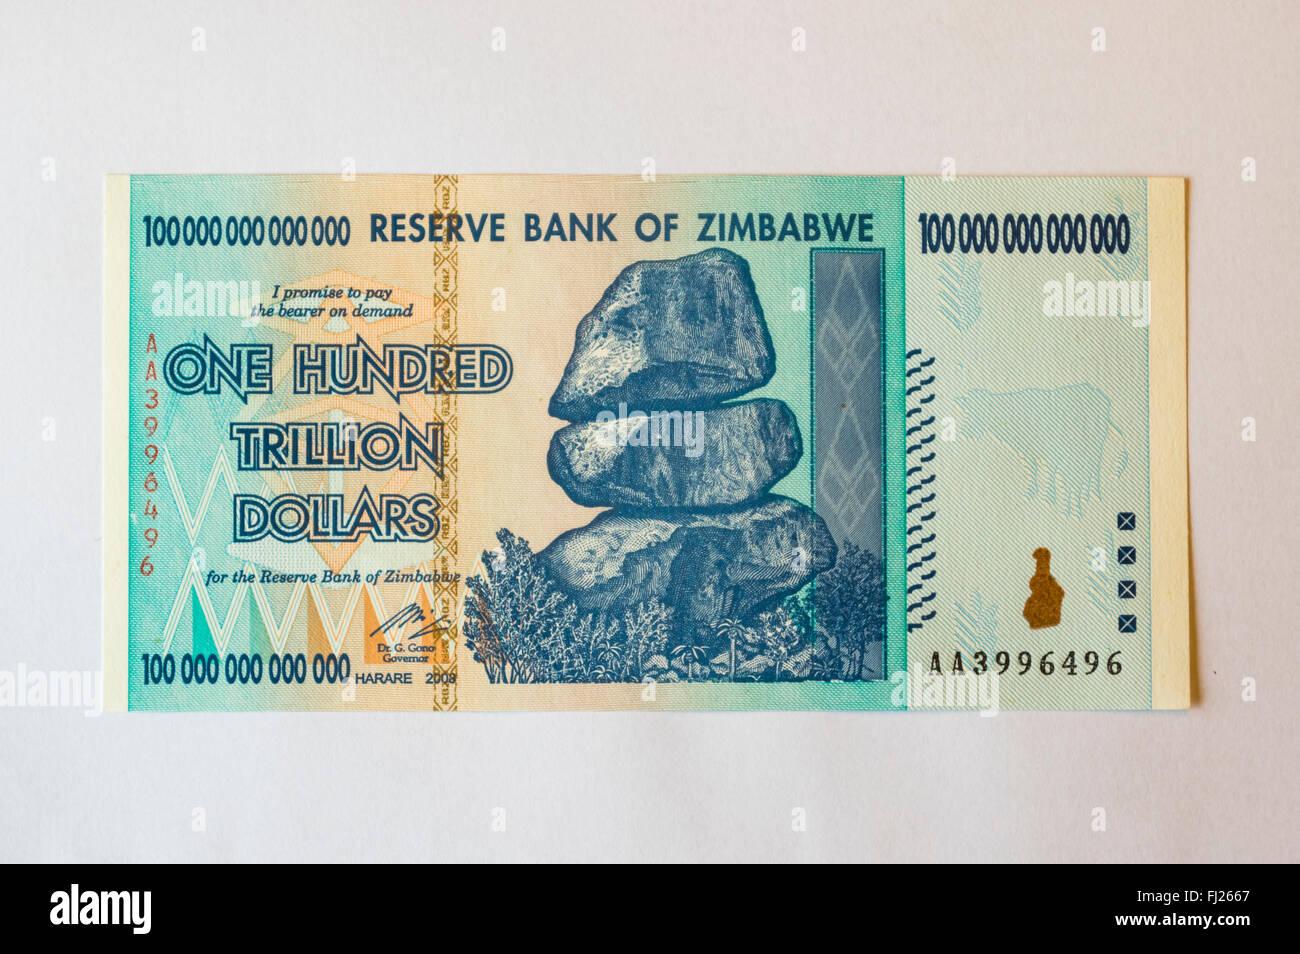 Billet de cent mille milliards de dollars émis au Zimbabwe en 2008, sur l'apogée de l'hyperinflation. Photo Stock